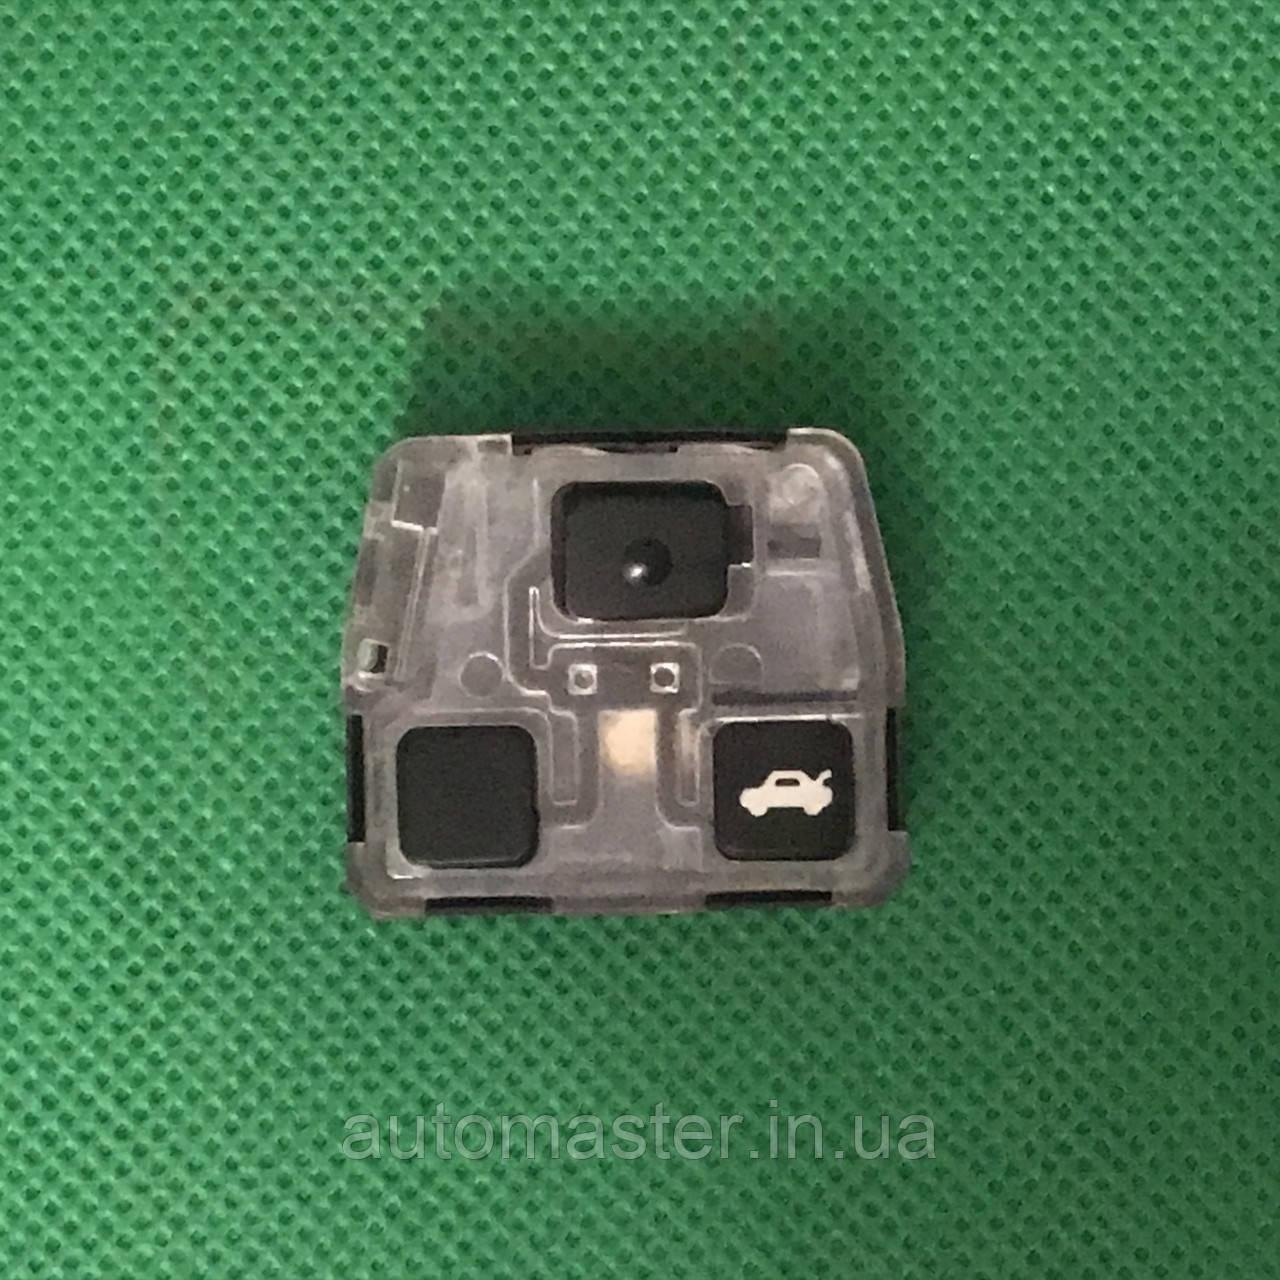 Кнопки корпуса для автоключа TOYOTA (тойота) 2, 3 кнопки